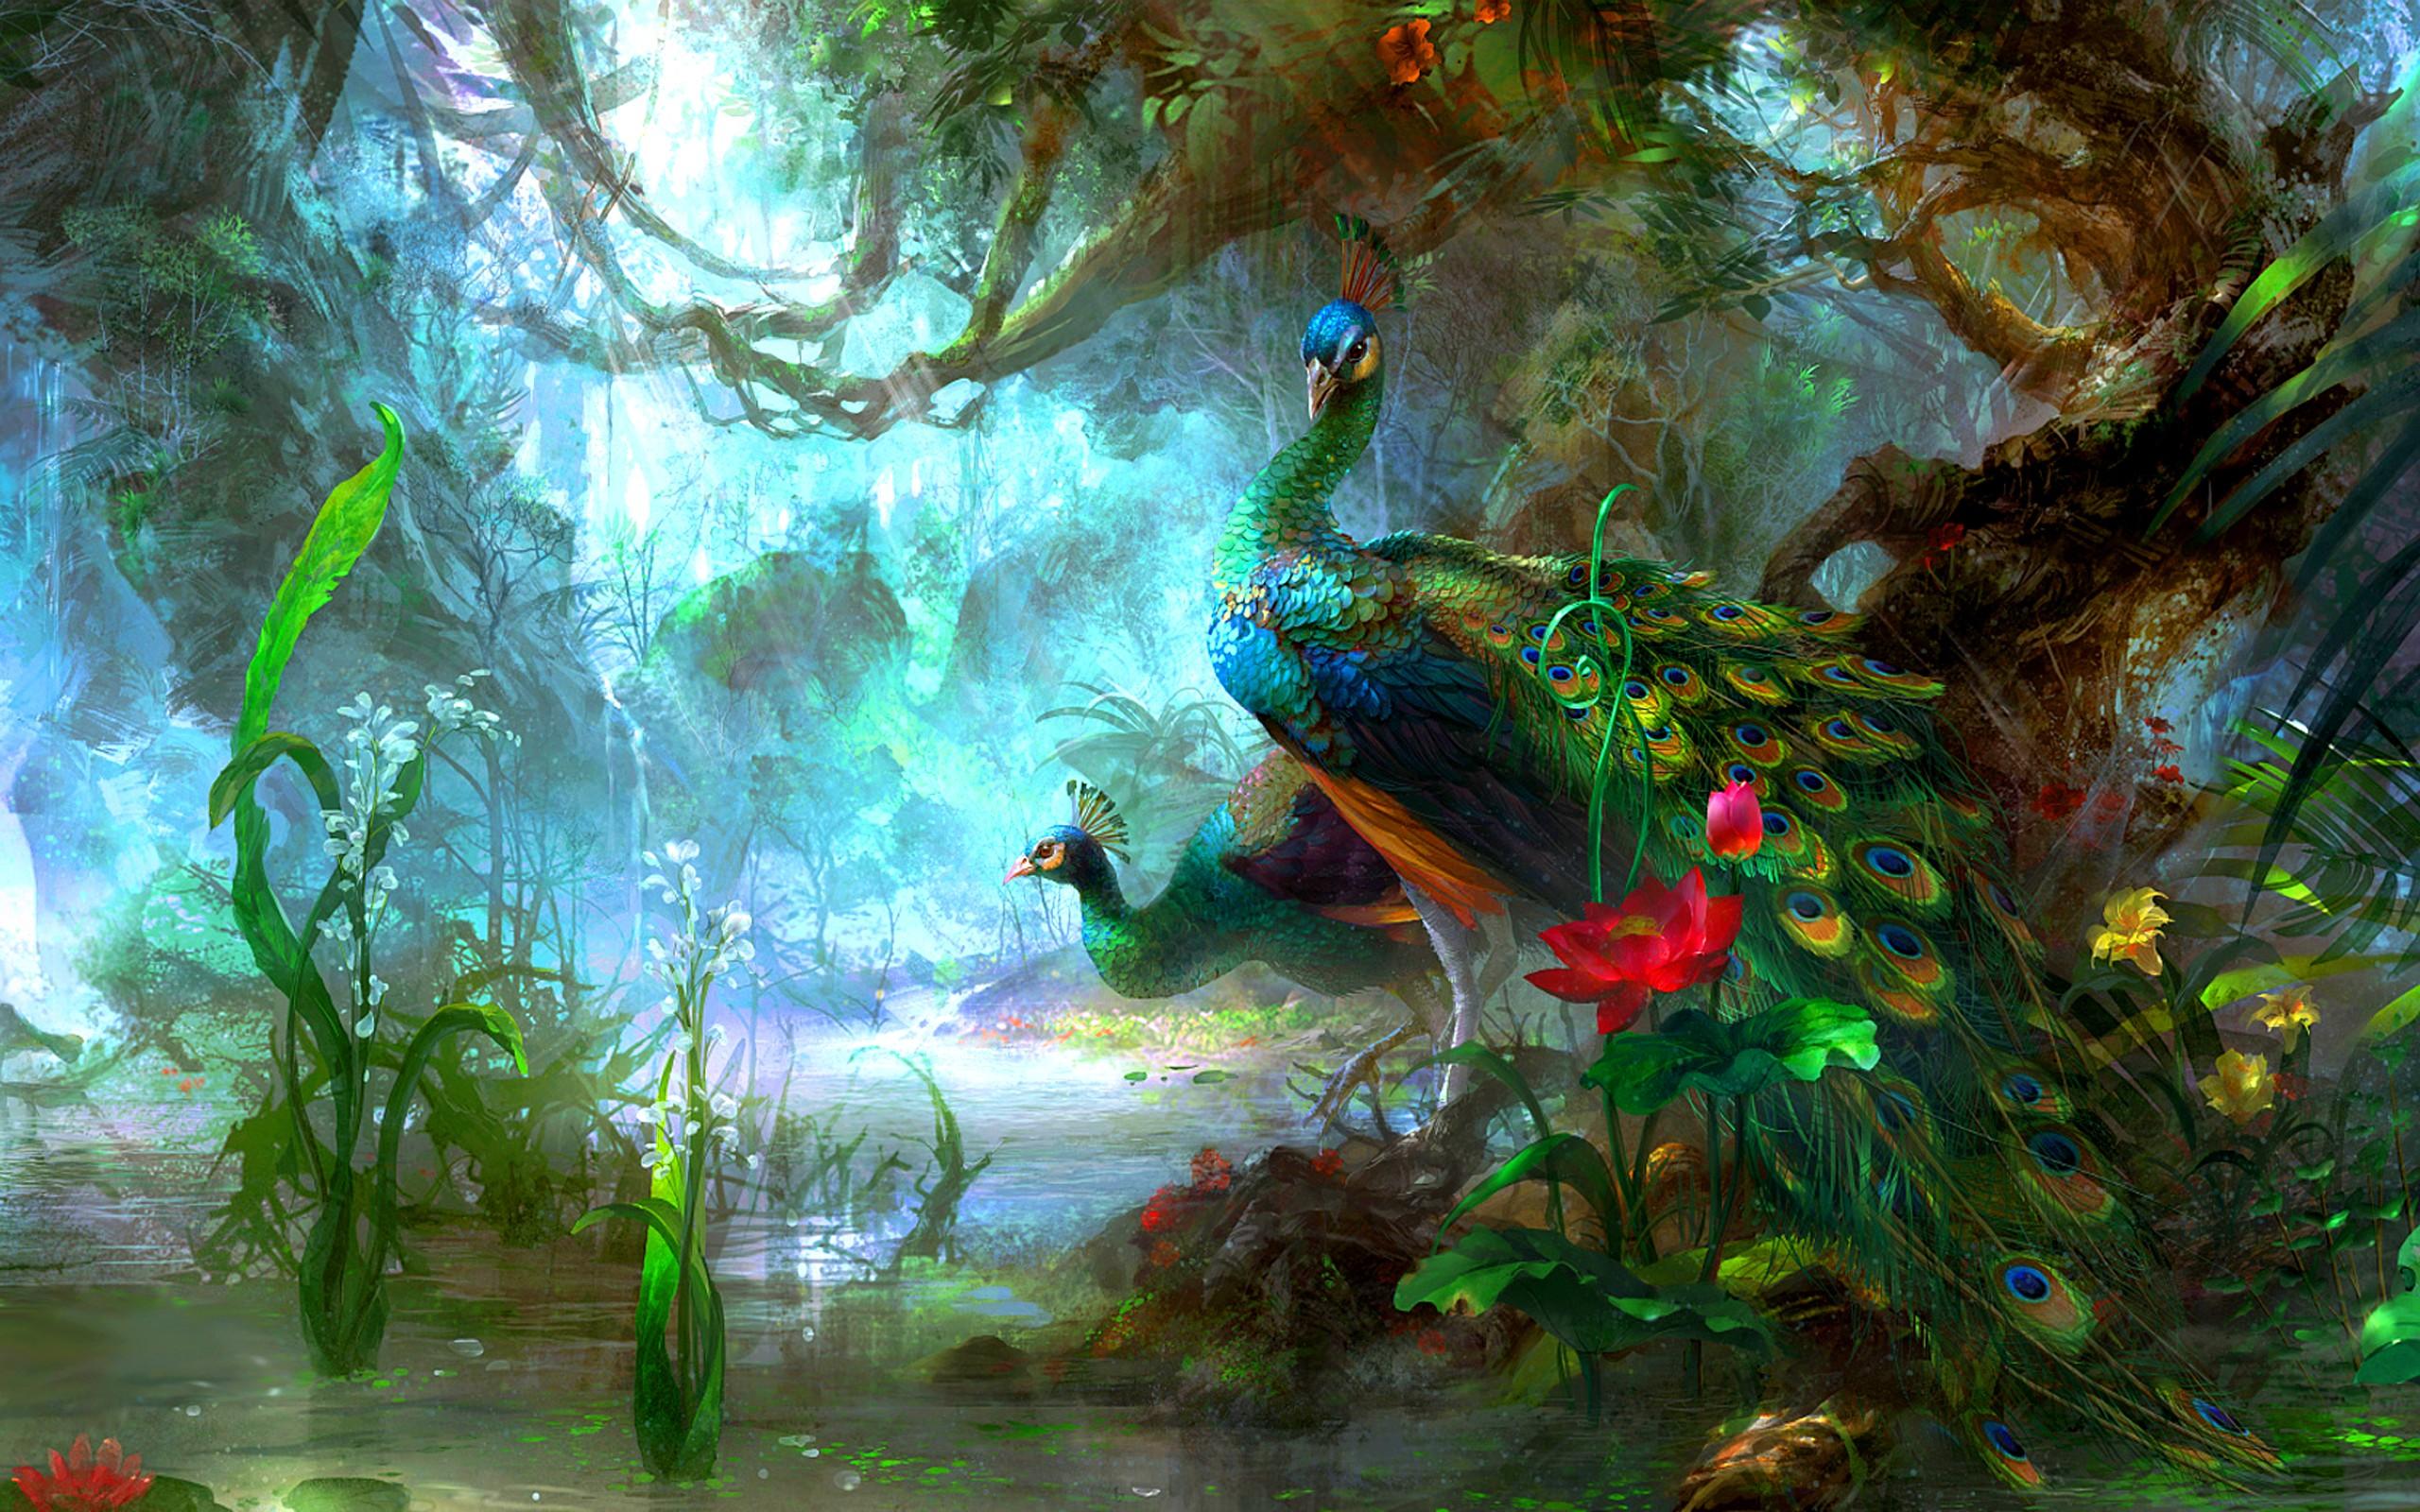 фантастическое исскуство, птицы, лес